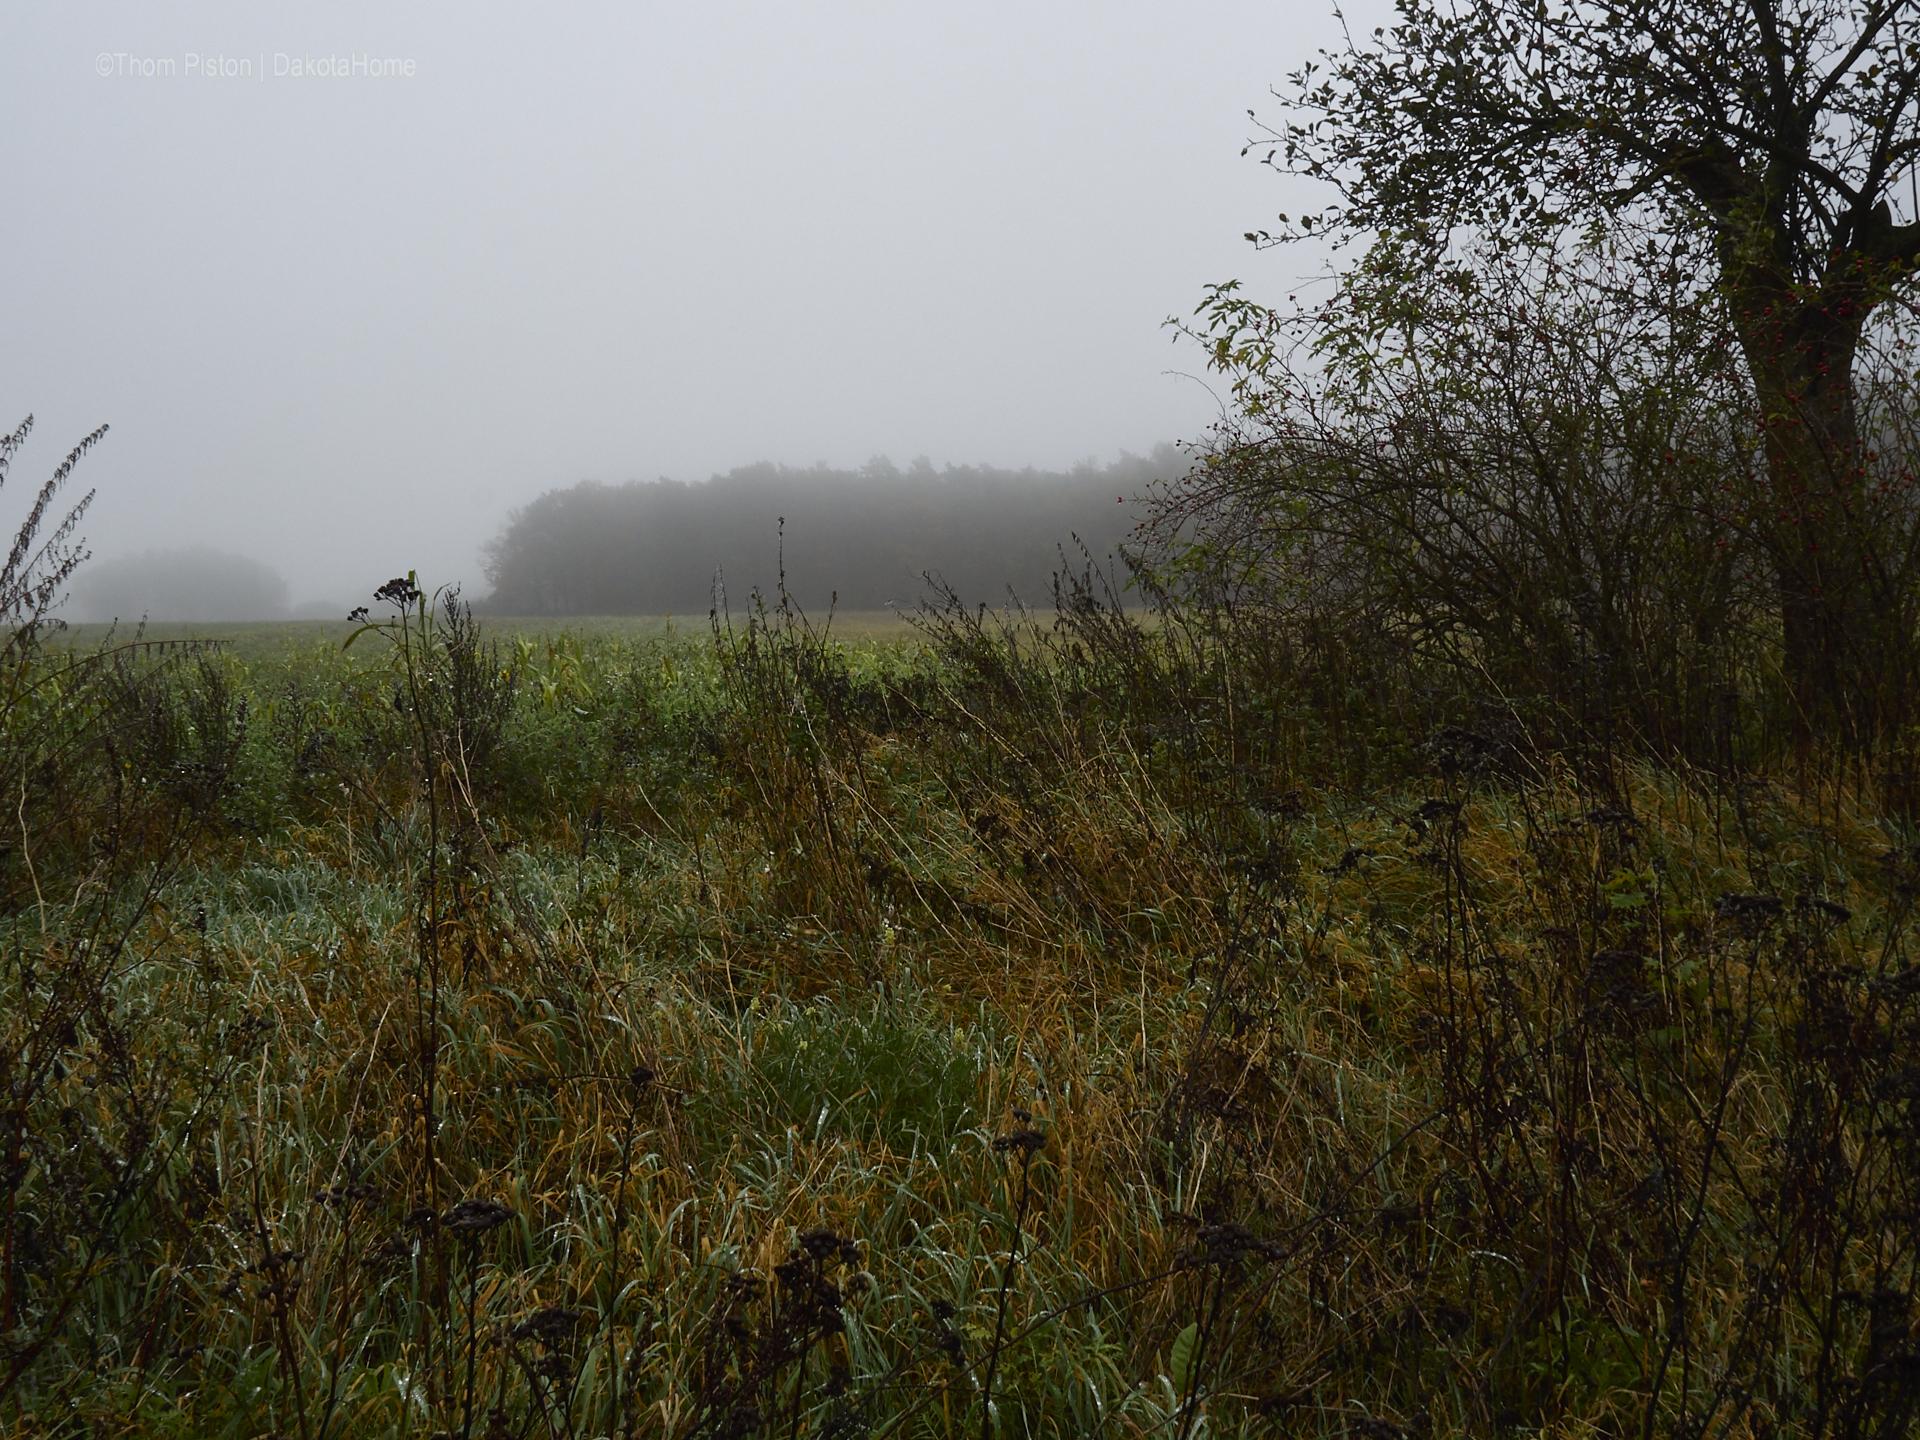 Ende Oktober, jeden Morgen nass und Nebel